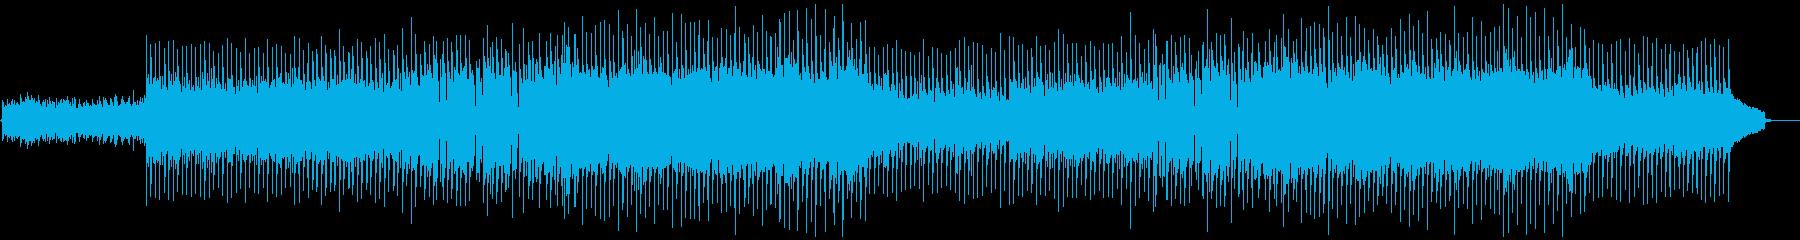 VP系17D、爽やかなロック、ドライブの再生済みの波形